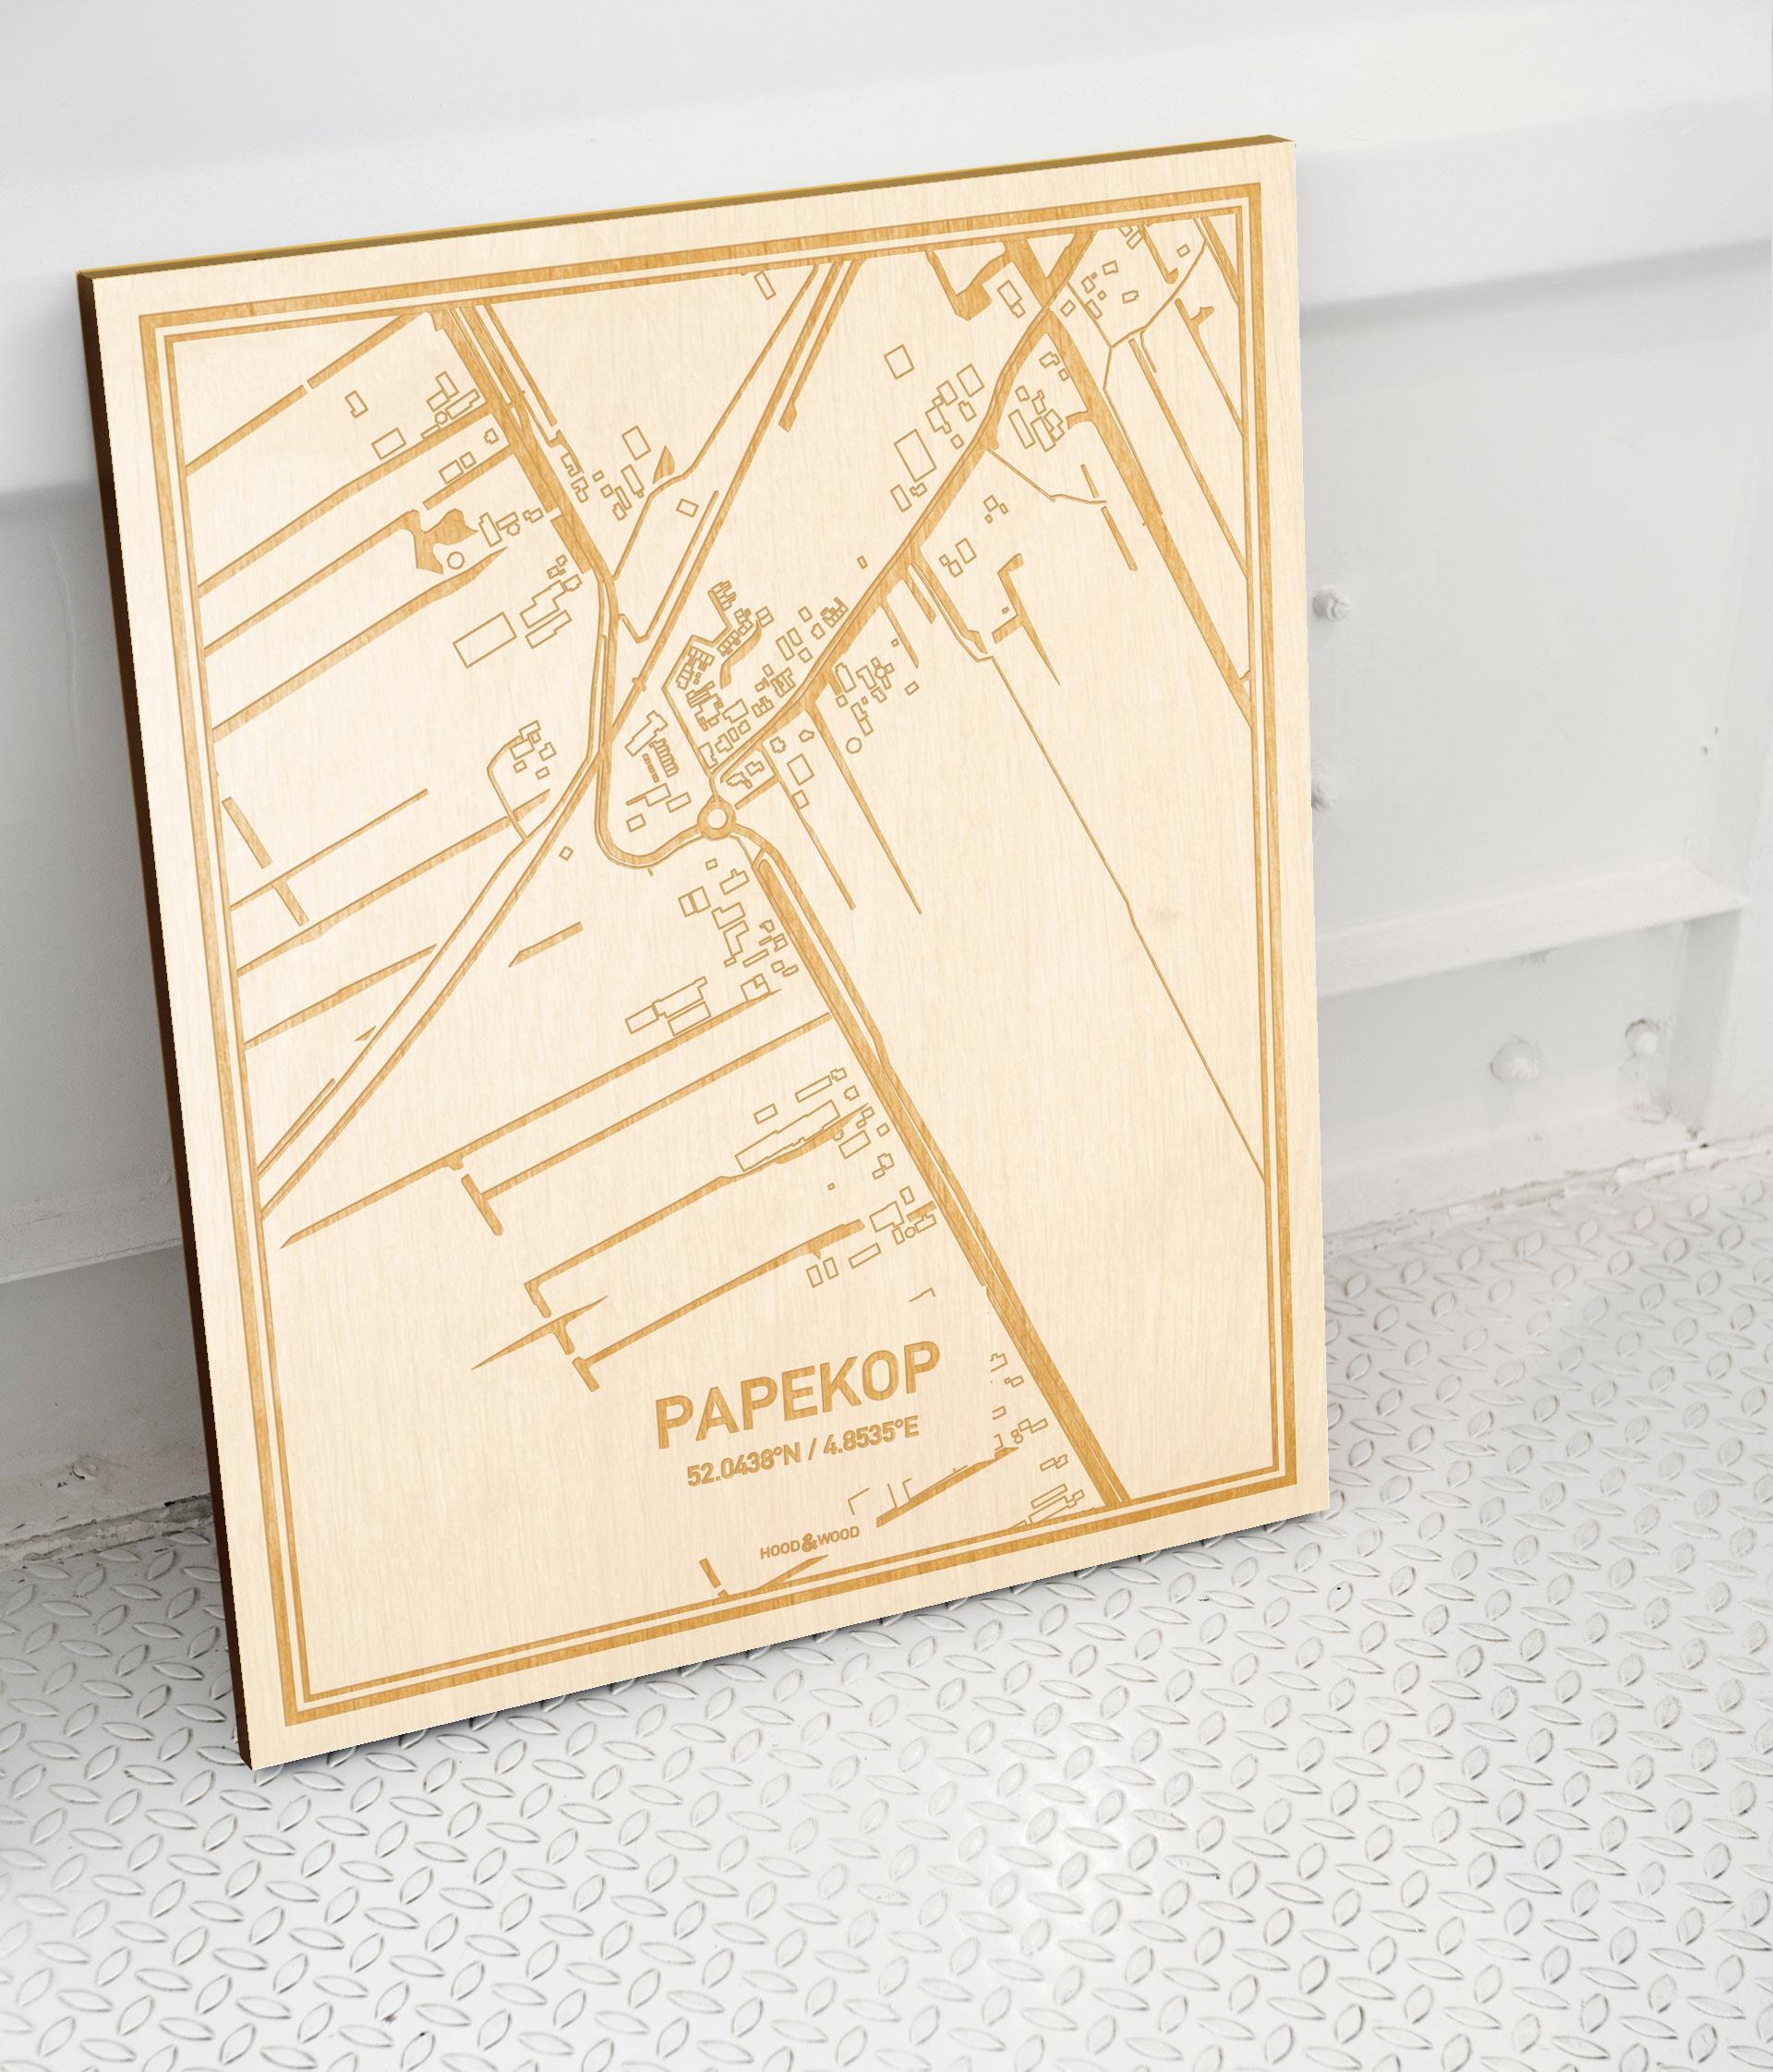 Plattegrond Papekop als prachtige houten wanddecoratie. Het warme hout contrasteert mooi met de witte muur.